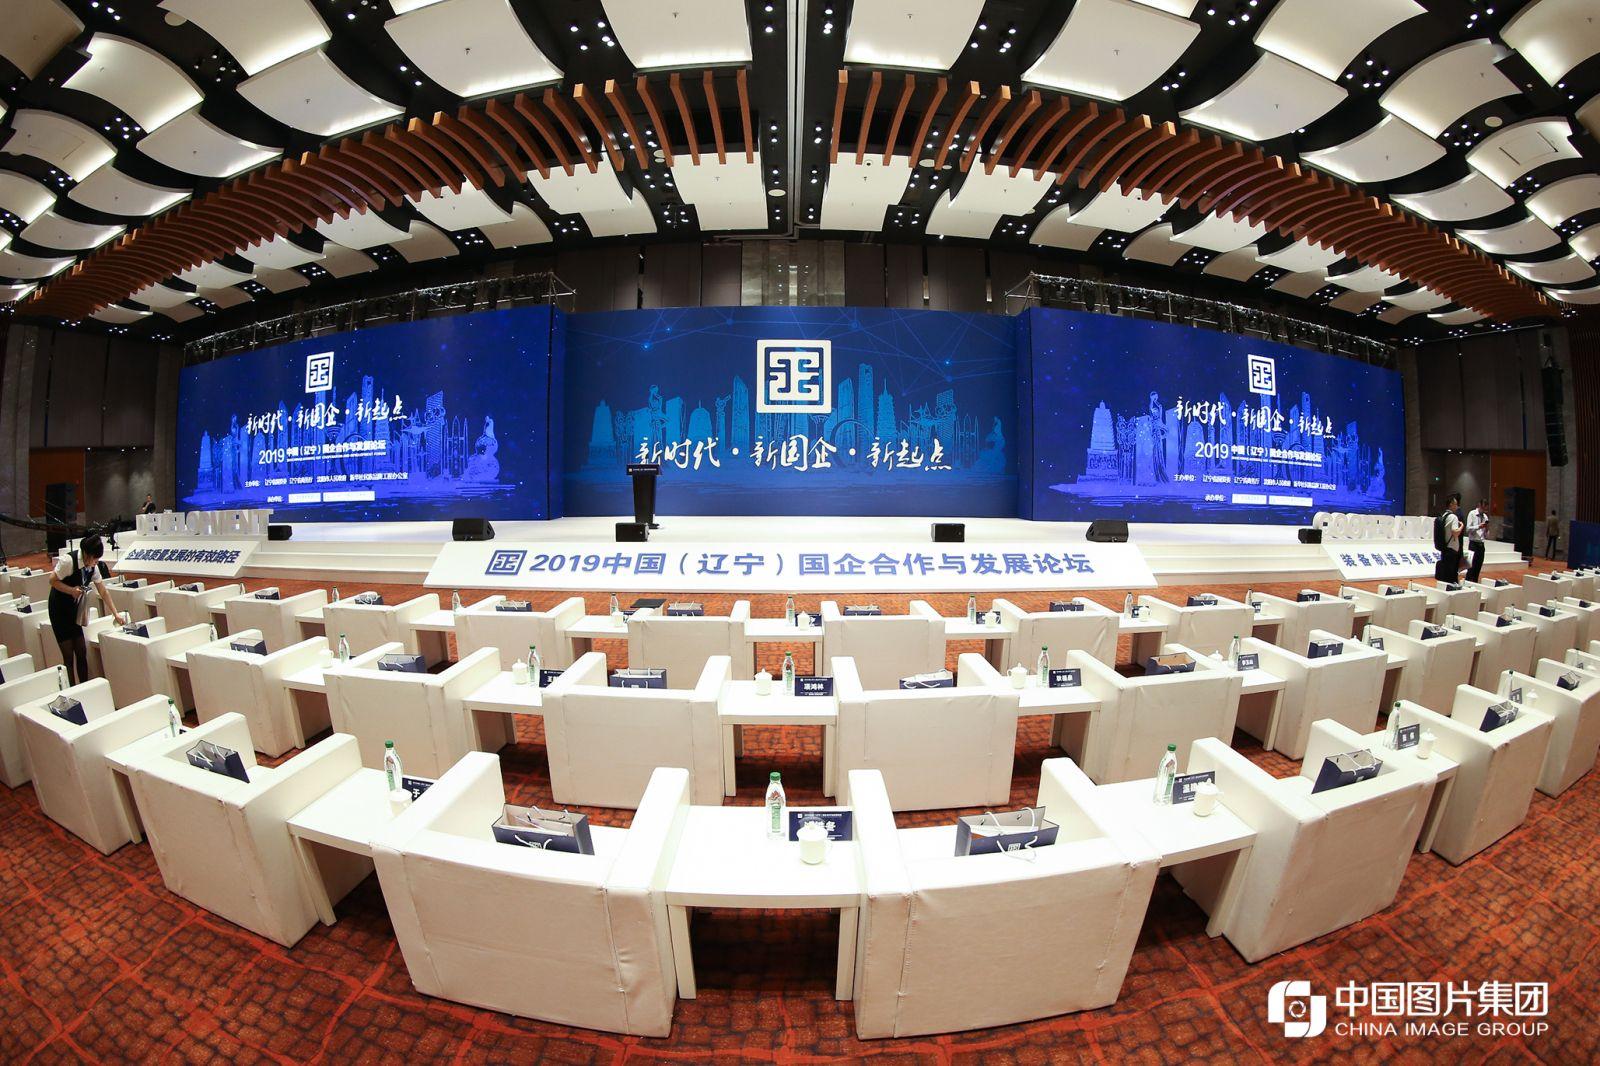 新时代 新国企 新起点——2019中国(辽宁)国企合作与发展论坛主旨大会活动现场。